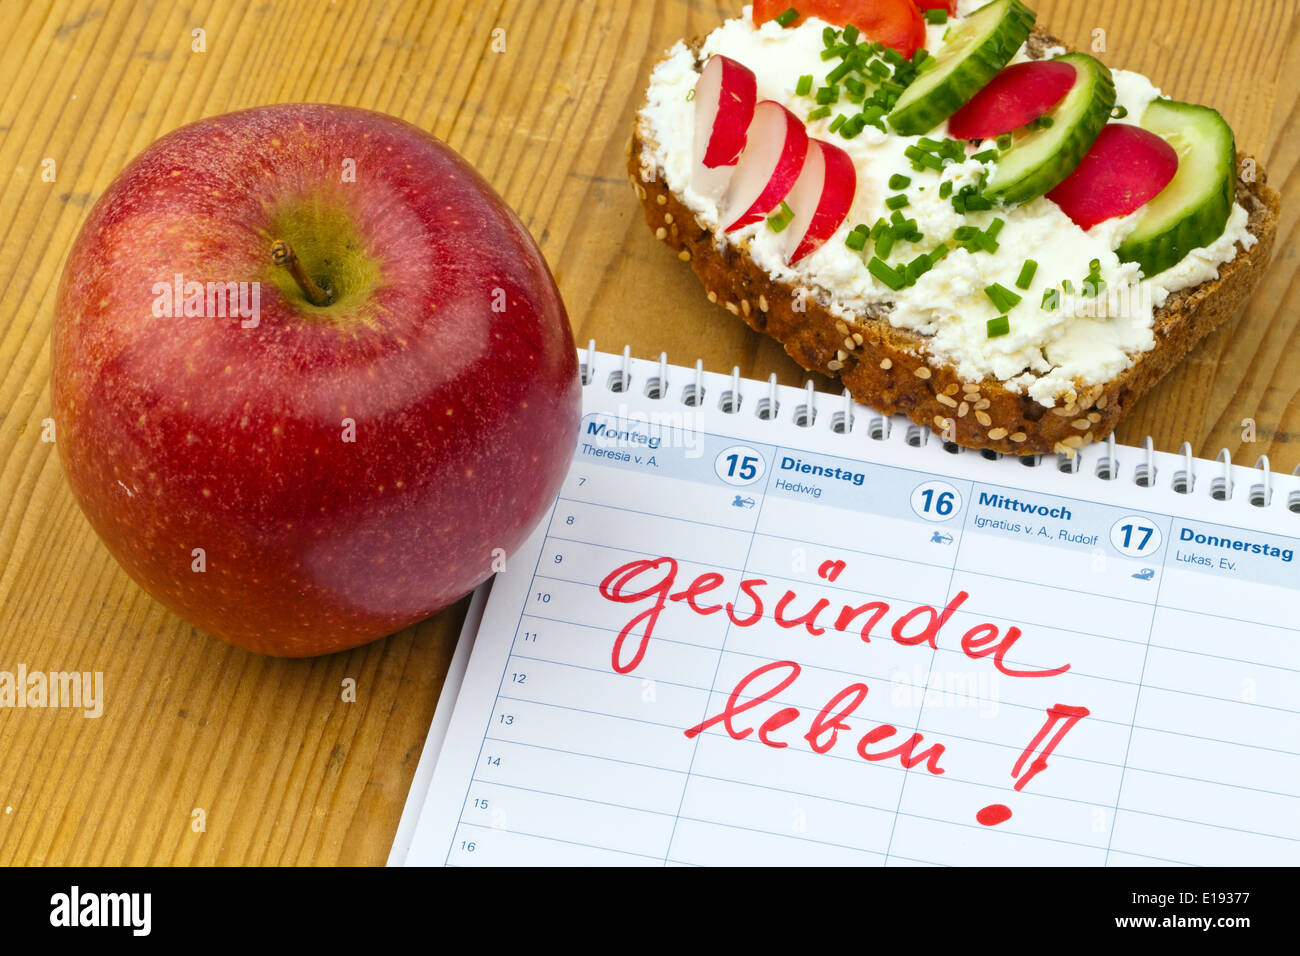 Apfel, Massband, Brot Mit Gem¸se Und Einem Kalender. Guter Vorsatz Zur Gesunden Ern?hrung Stockbild